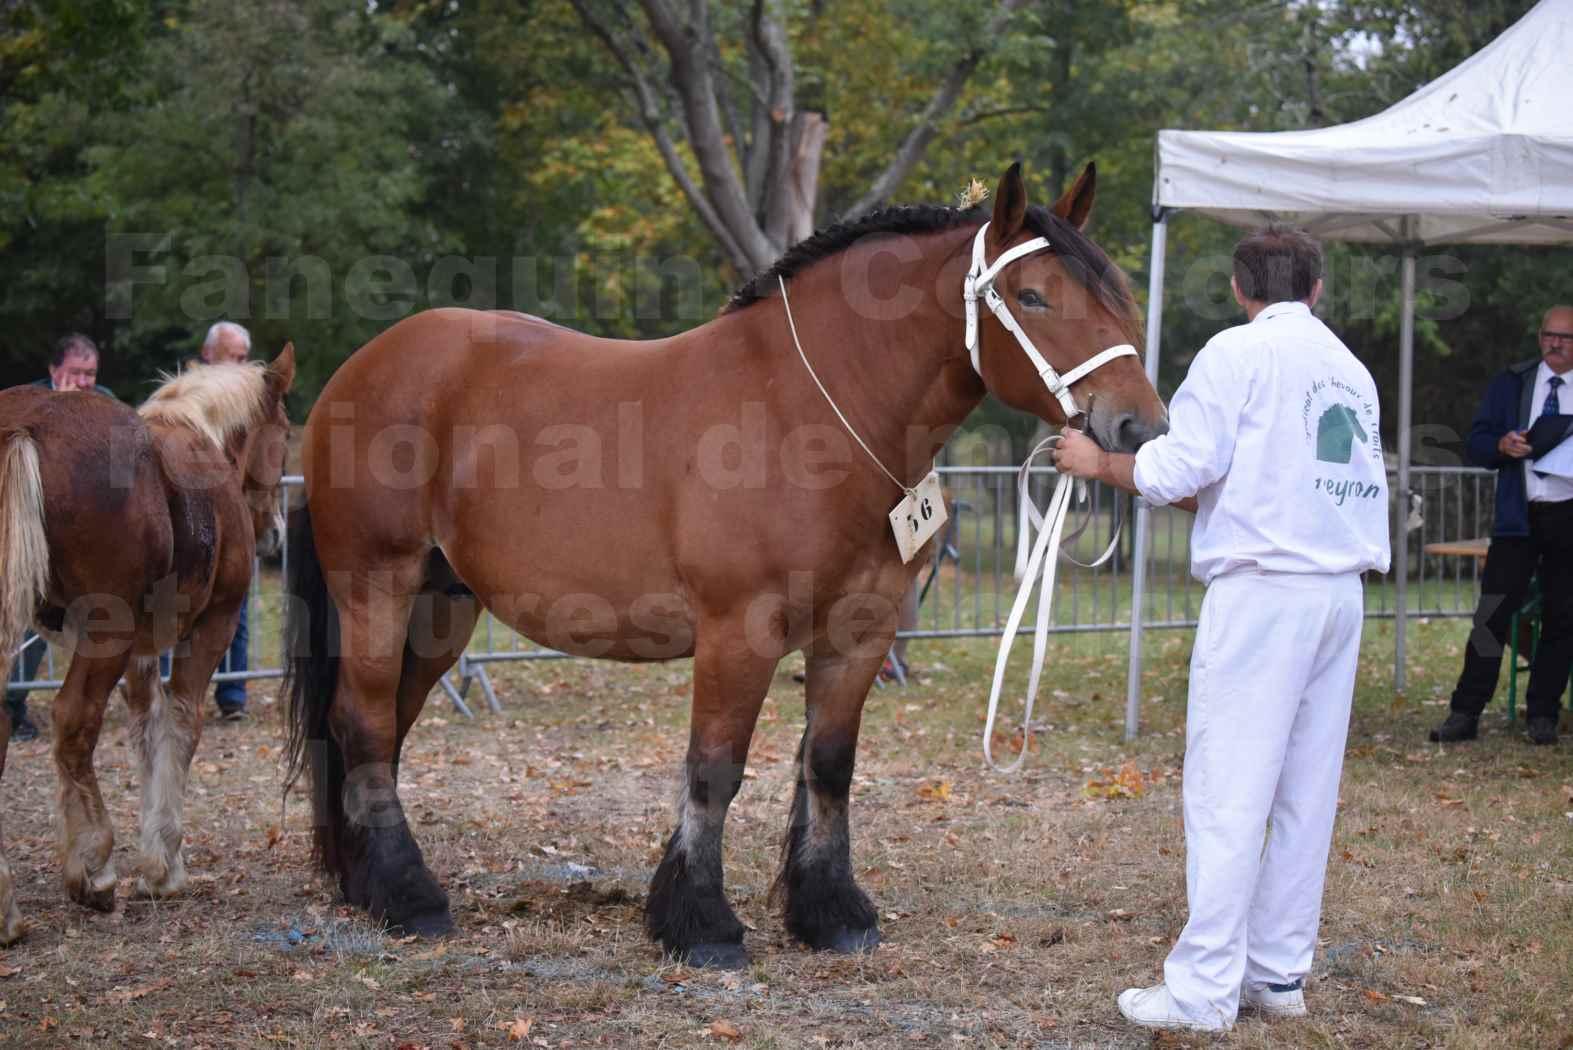 Concours Régional de chevaux de traits en 2017 - Jument & Poulain Trait COMTOIS - COMETE DE GRILLOLES - 07